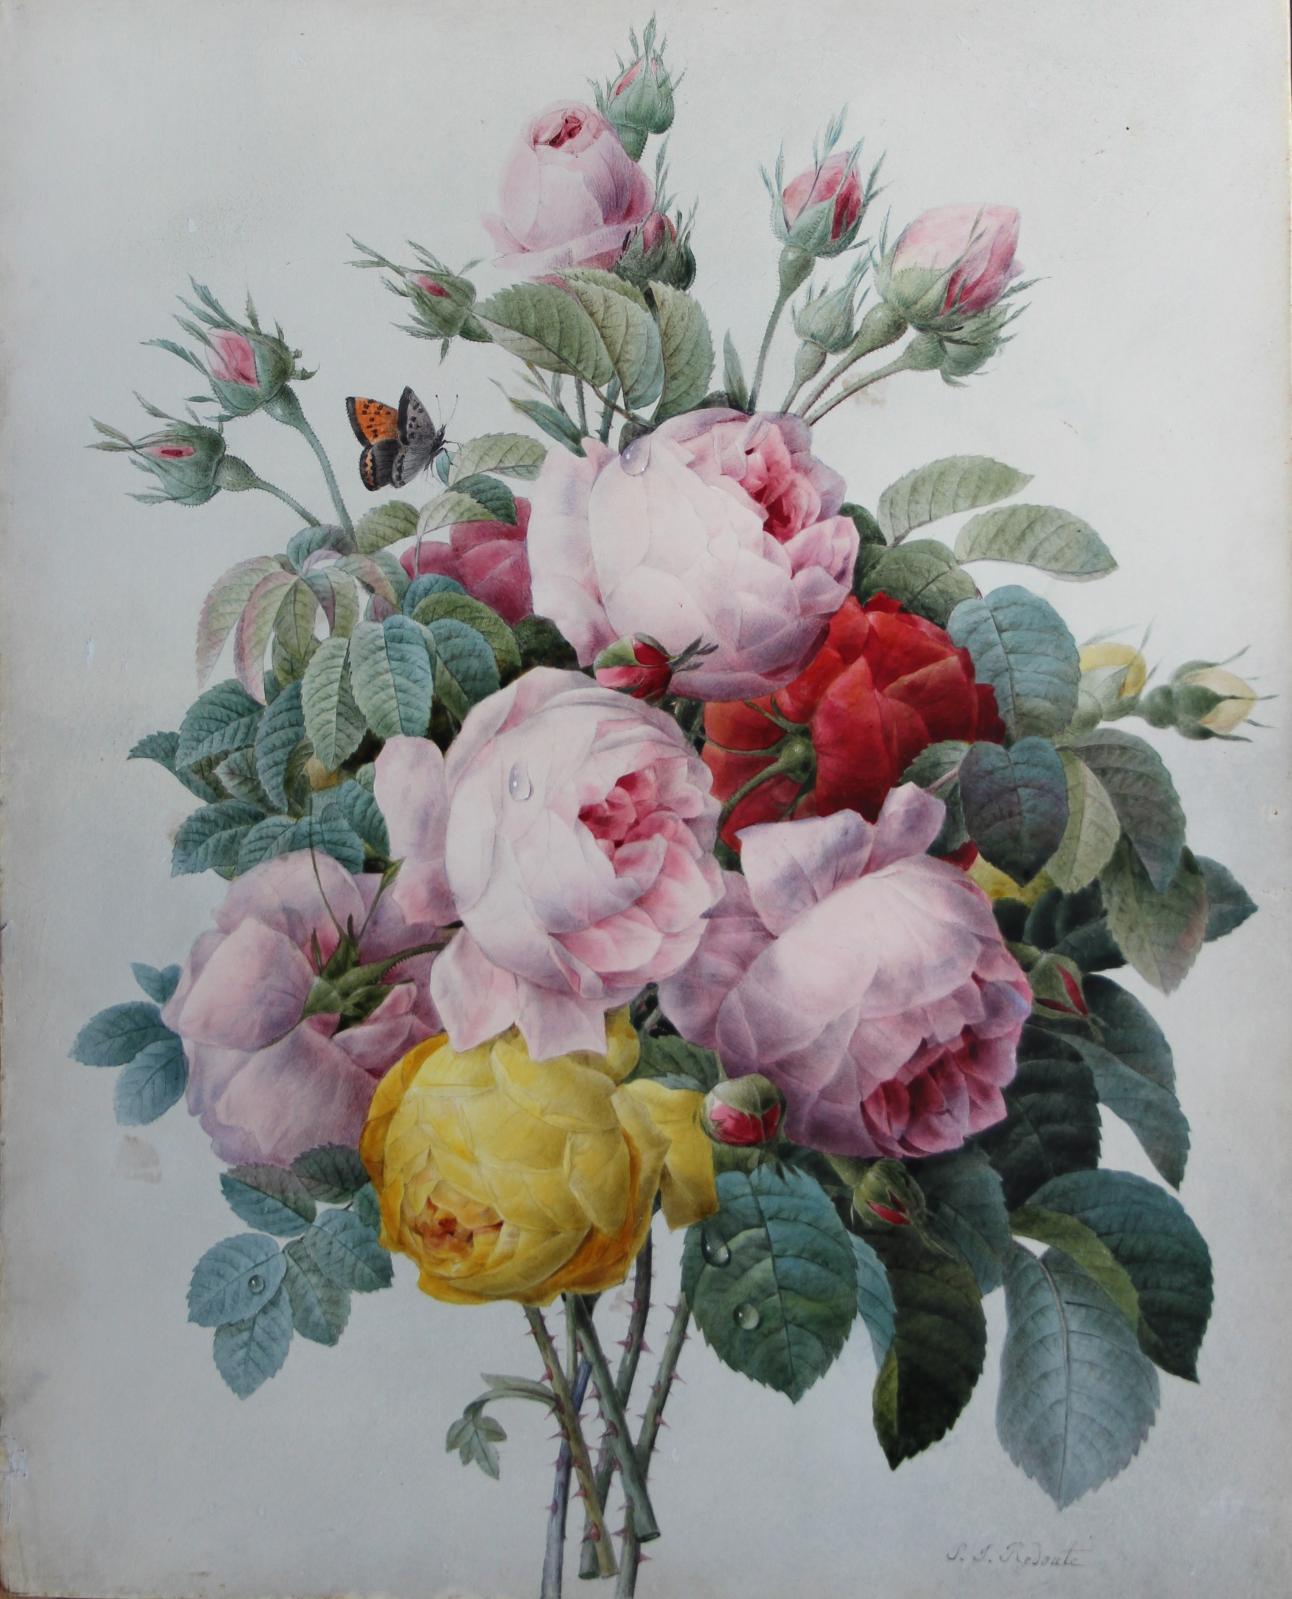 Pierre-Joseph Redouté (1759-1840), Bouquet de roses du papillon, aquarelle, 41x32,7cm. Le Havre, 9 mars 2014. Le Havre Enchères OVV. M.Millet. Adj